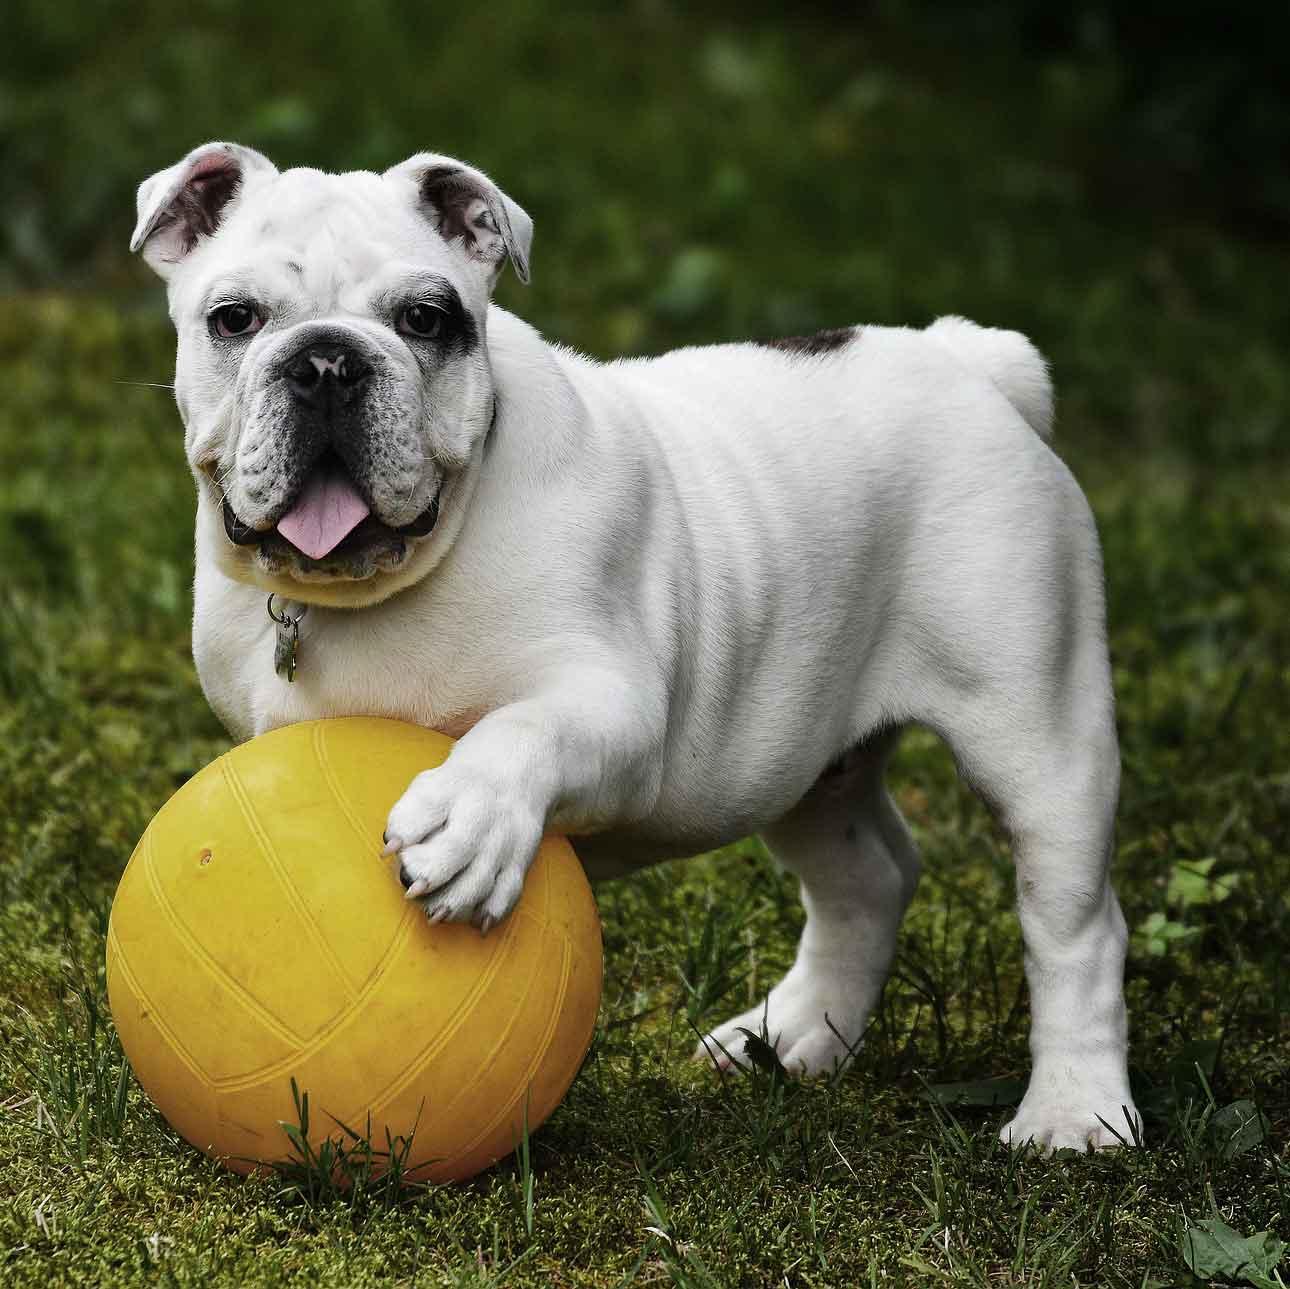 English bull dog and a ball